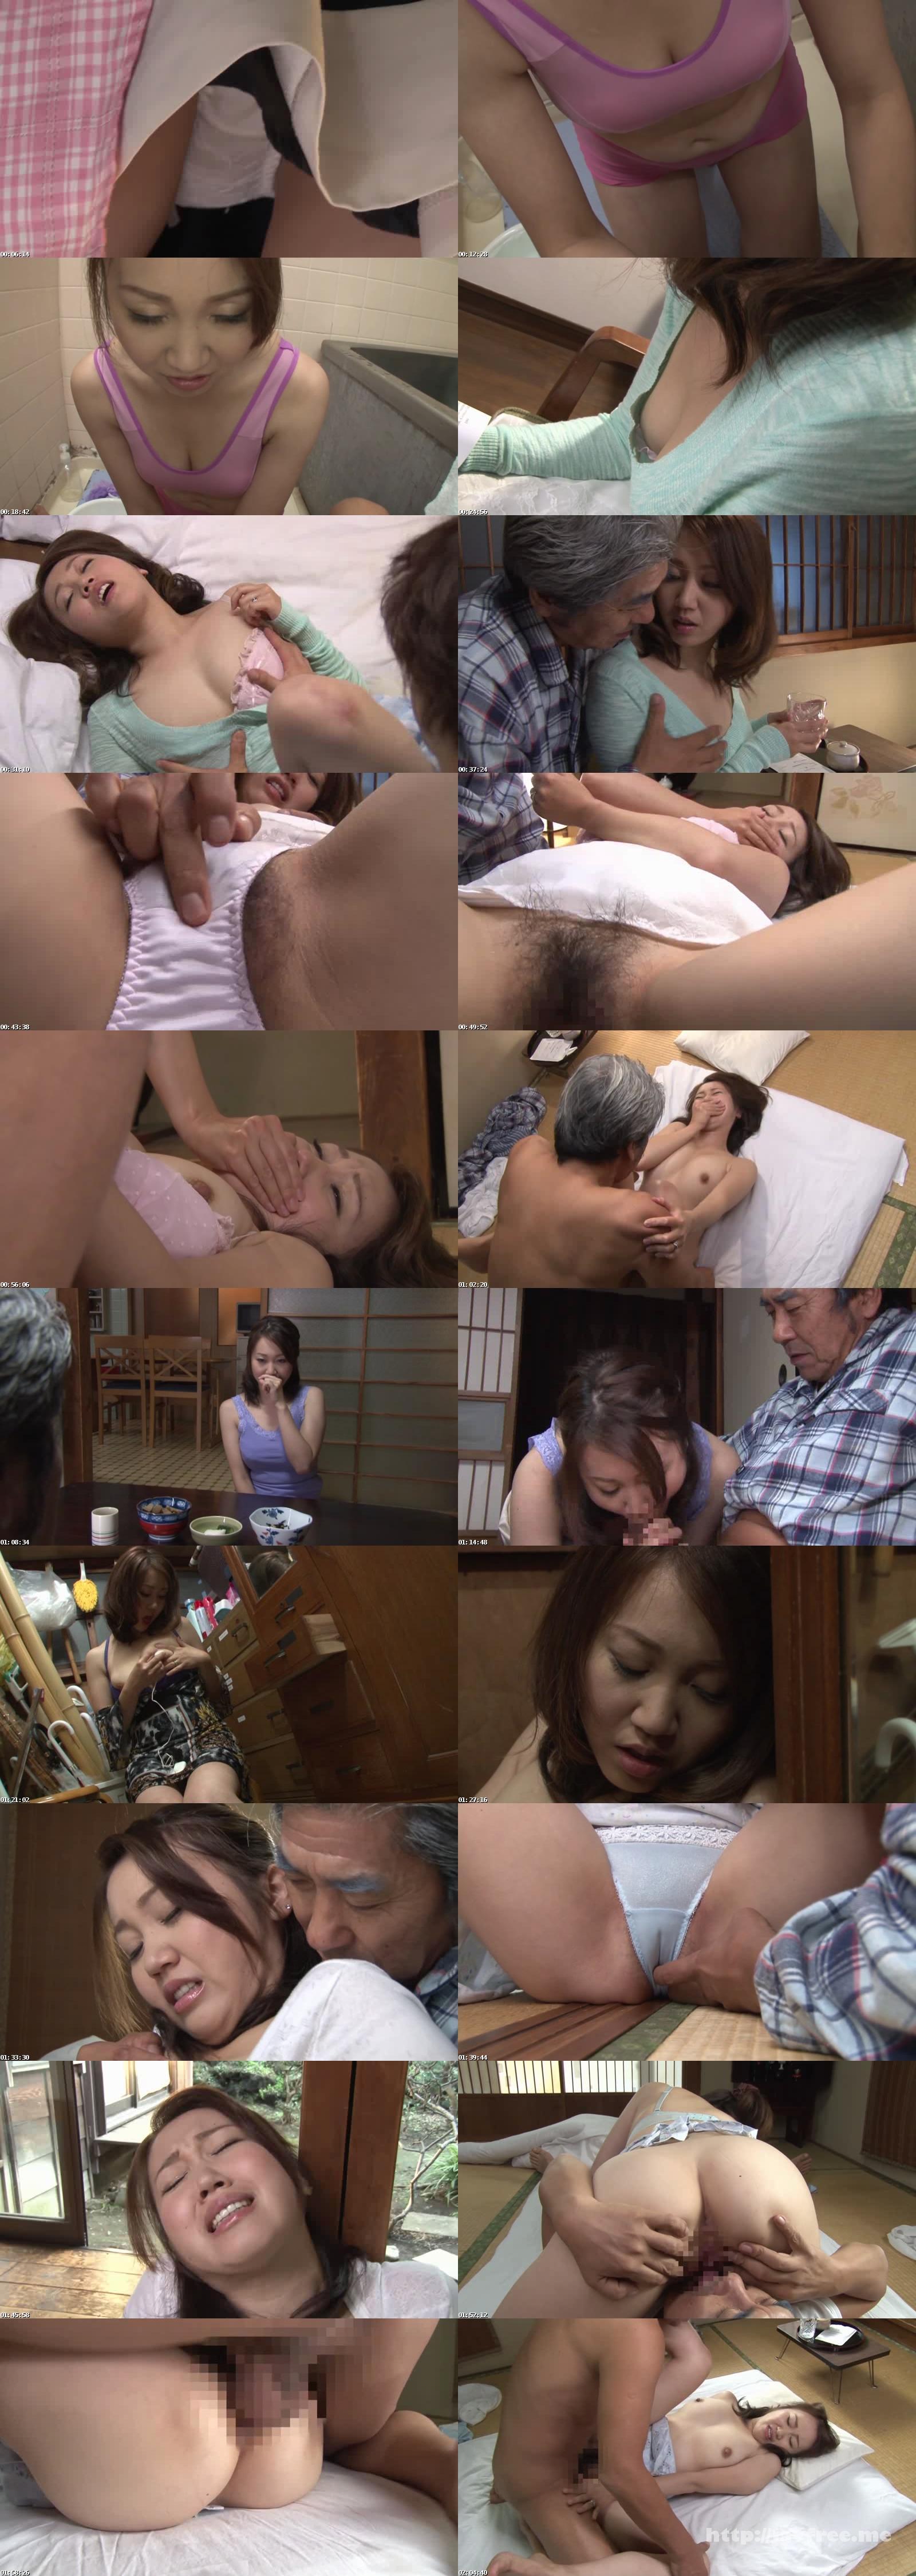 [MOND 023] みるみる快復した義父にそのまま押し倒された倅嫁 陽田まり 陽田まり MOND